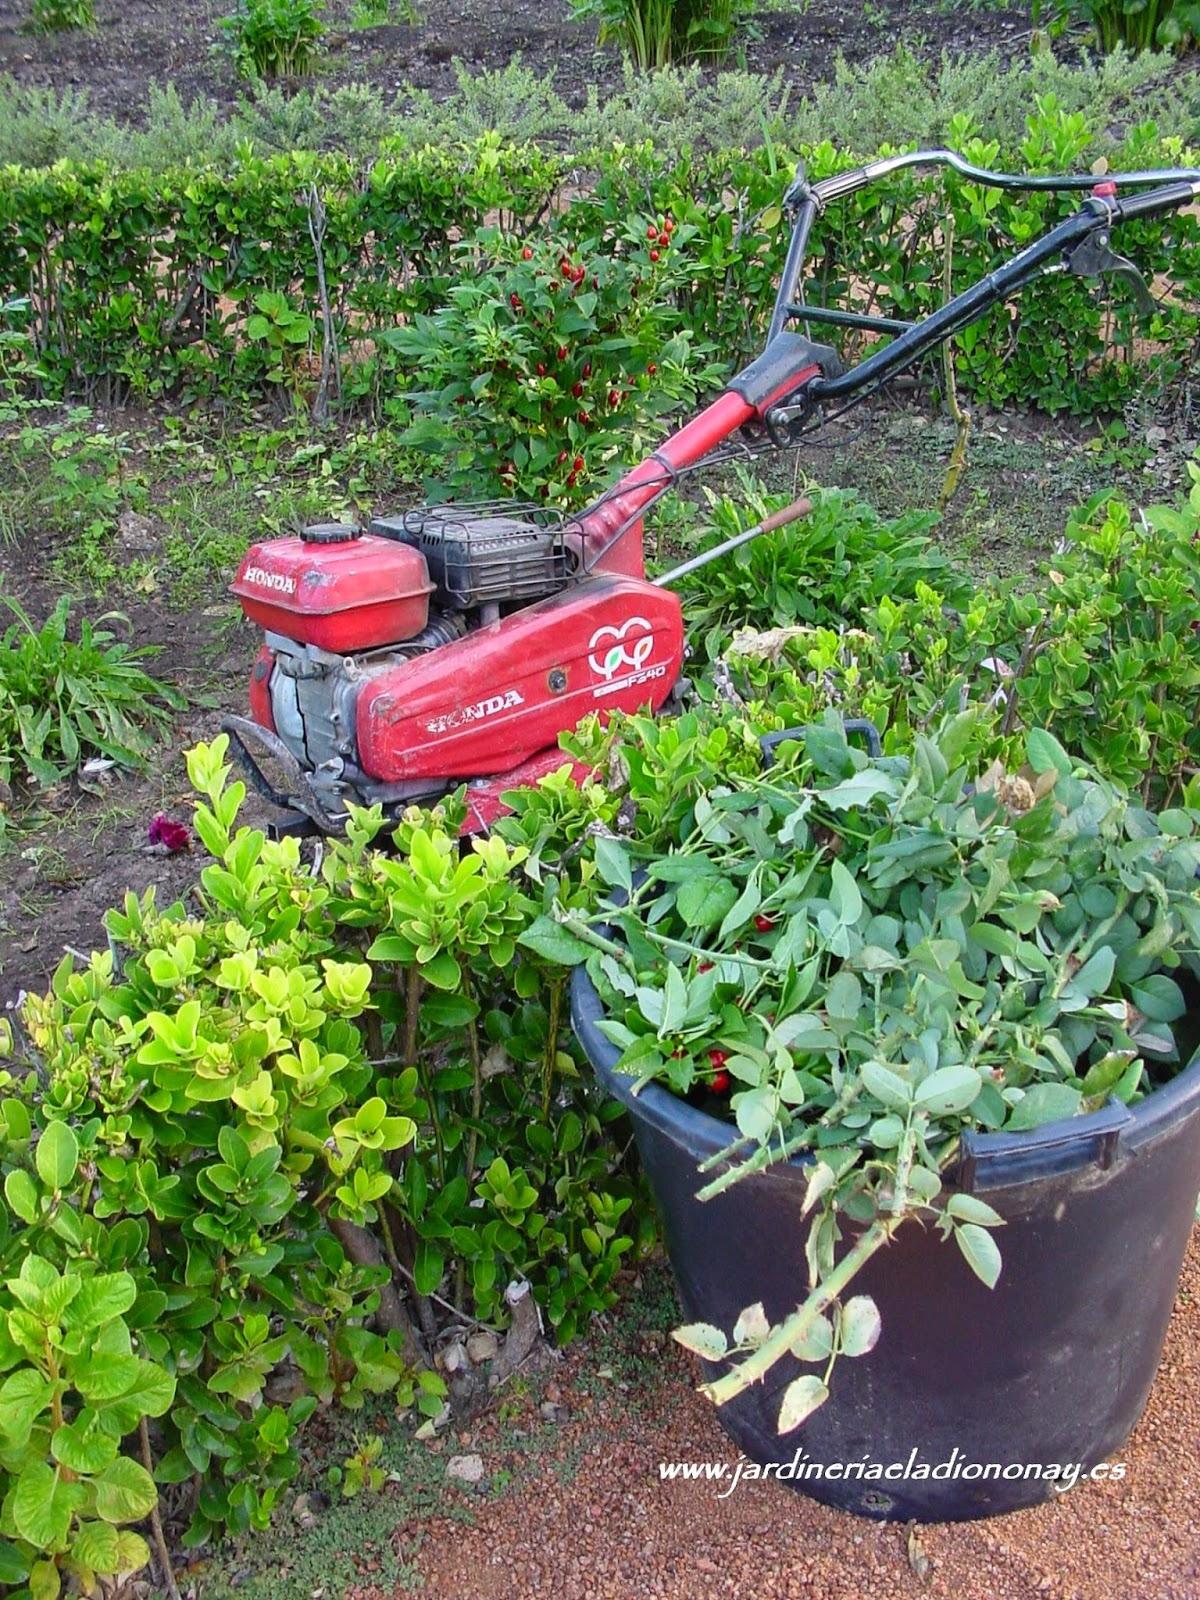 Jardineria eladio nonay mantenimiento del jard n en - Jardineria eladio nonay ...